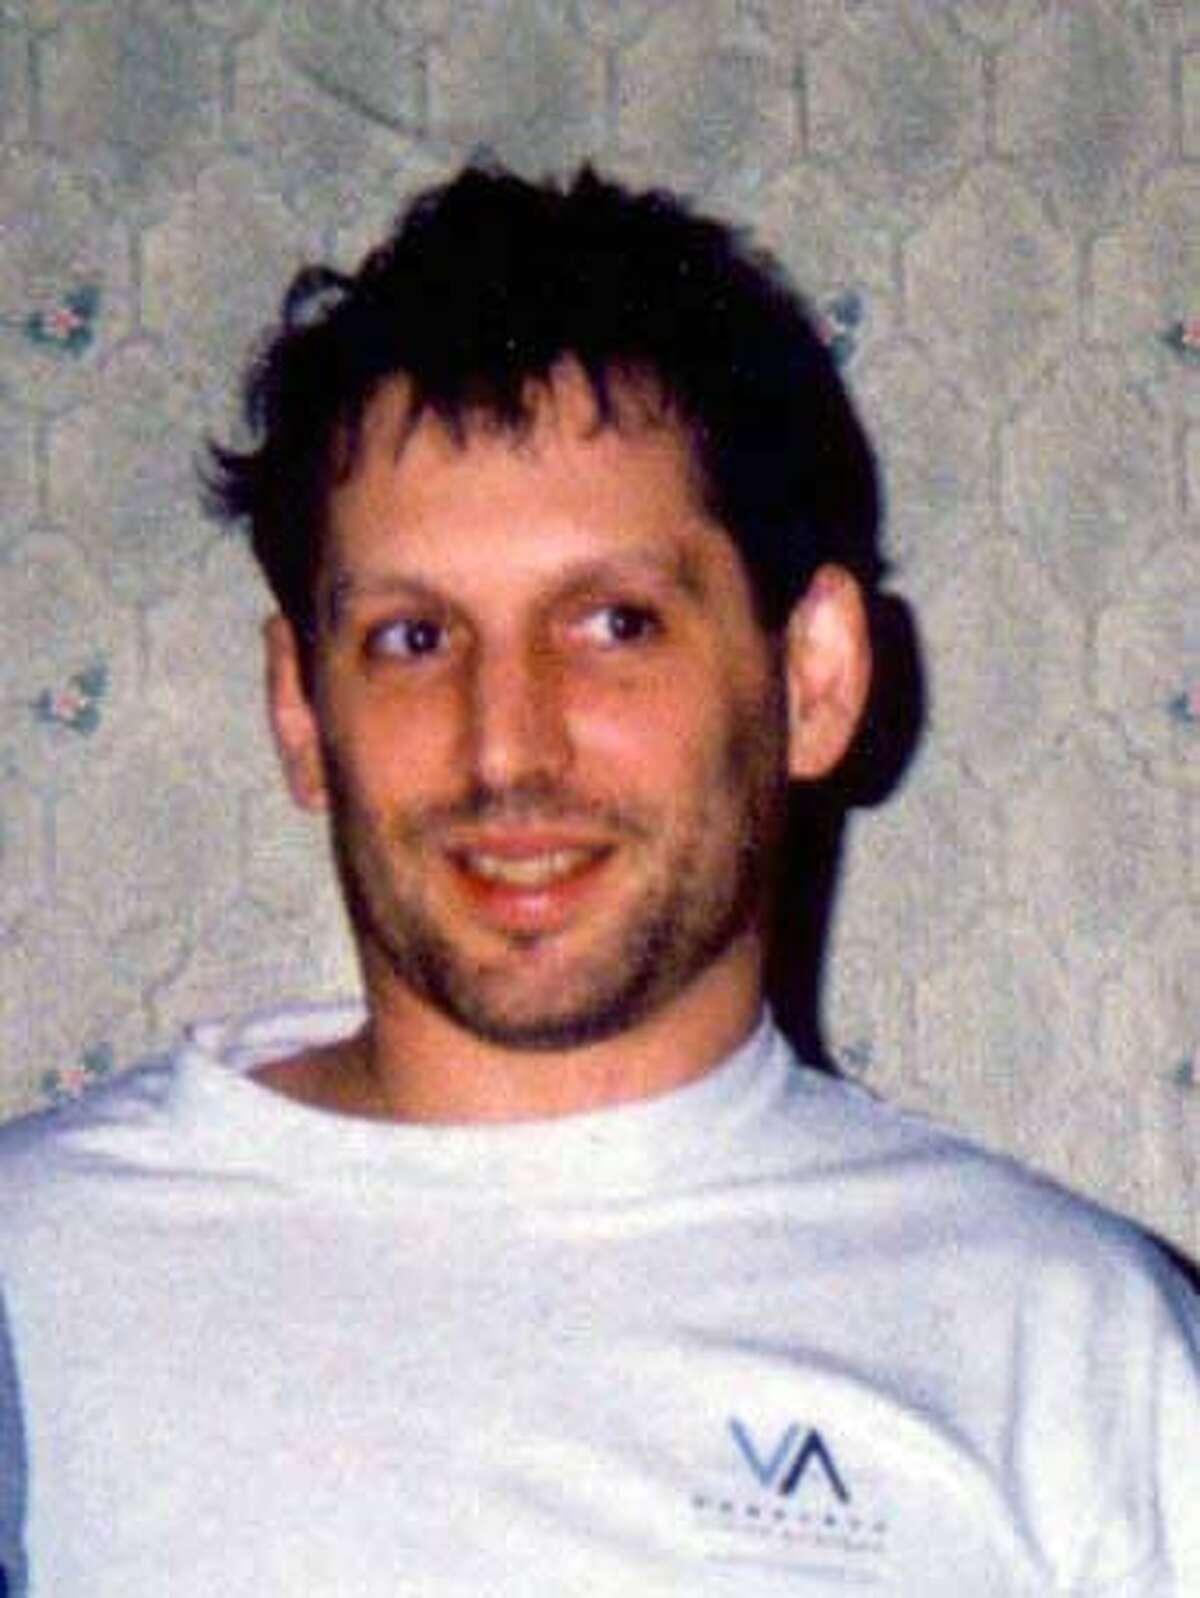 Photo of Hans Reiser.